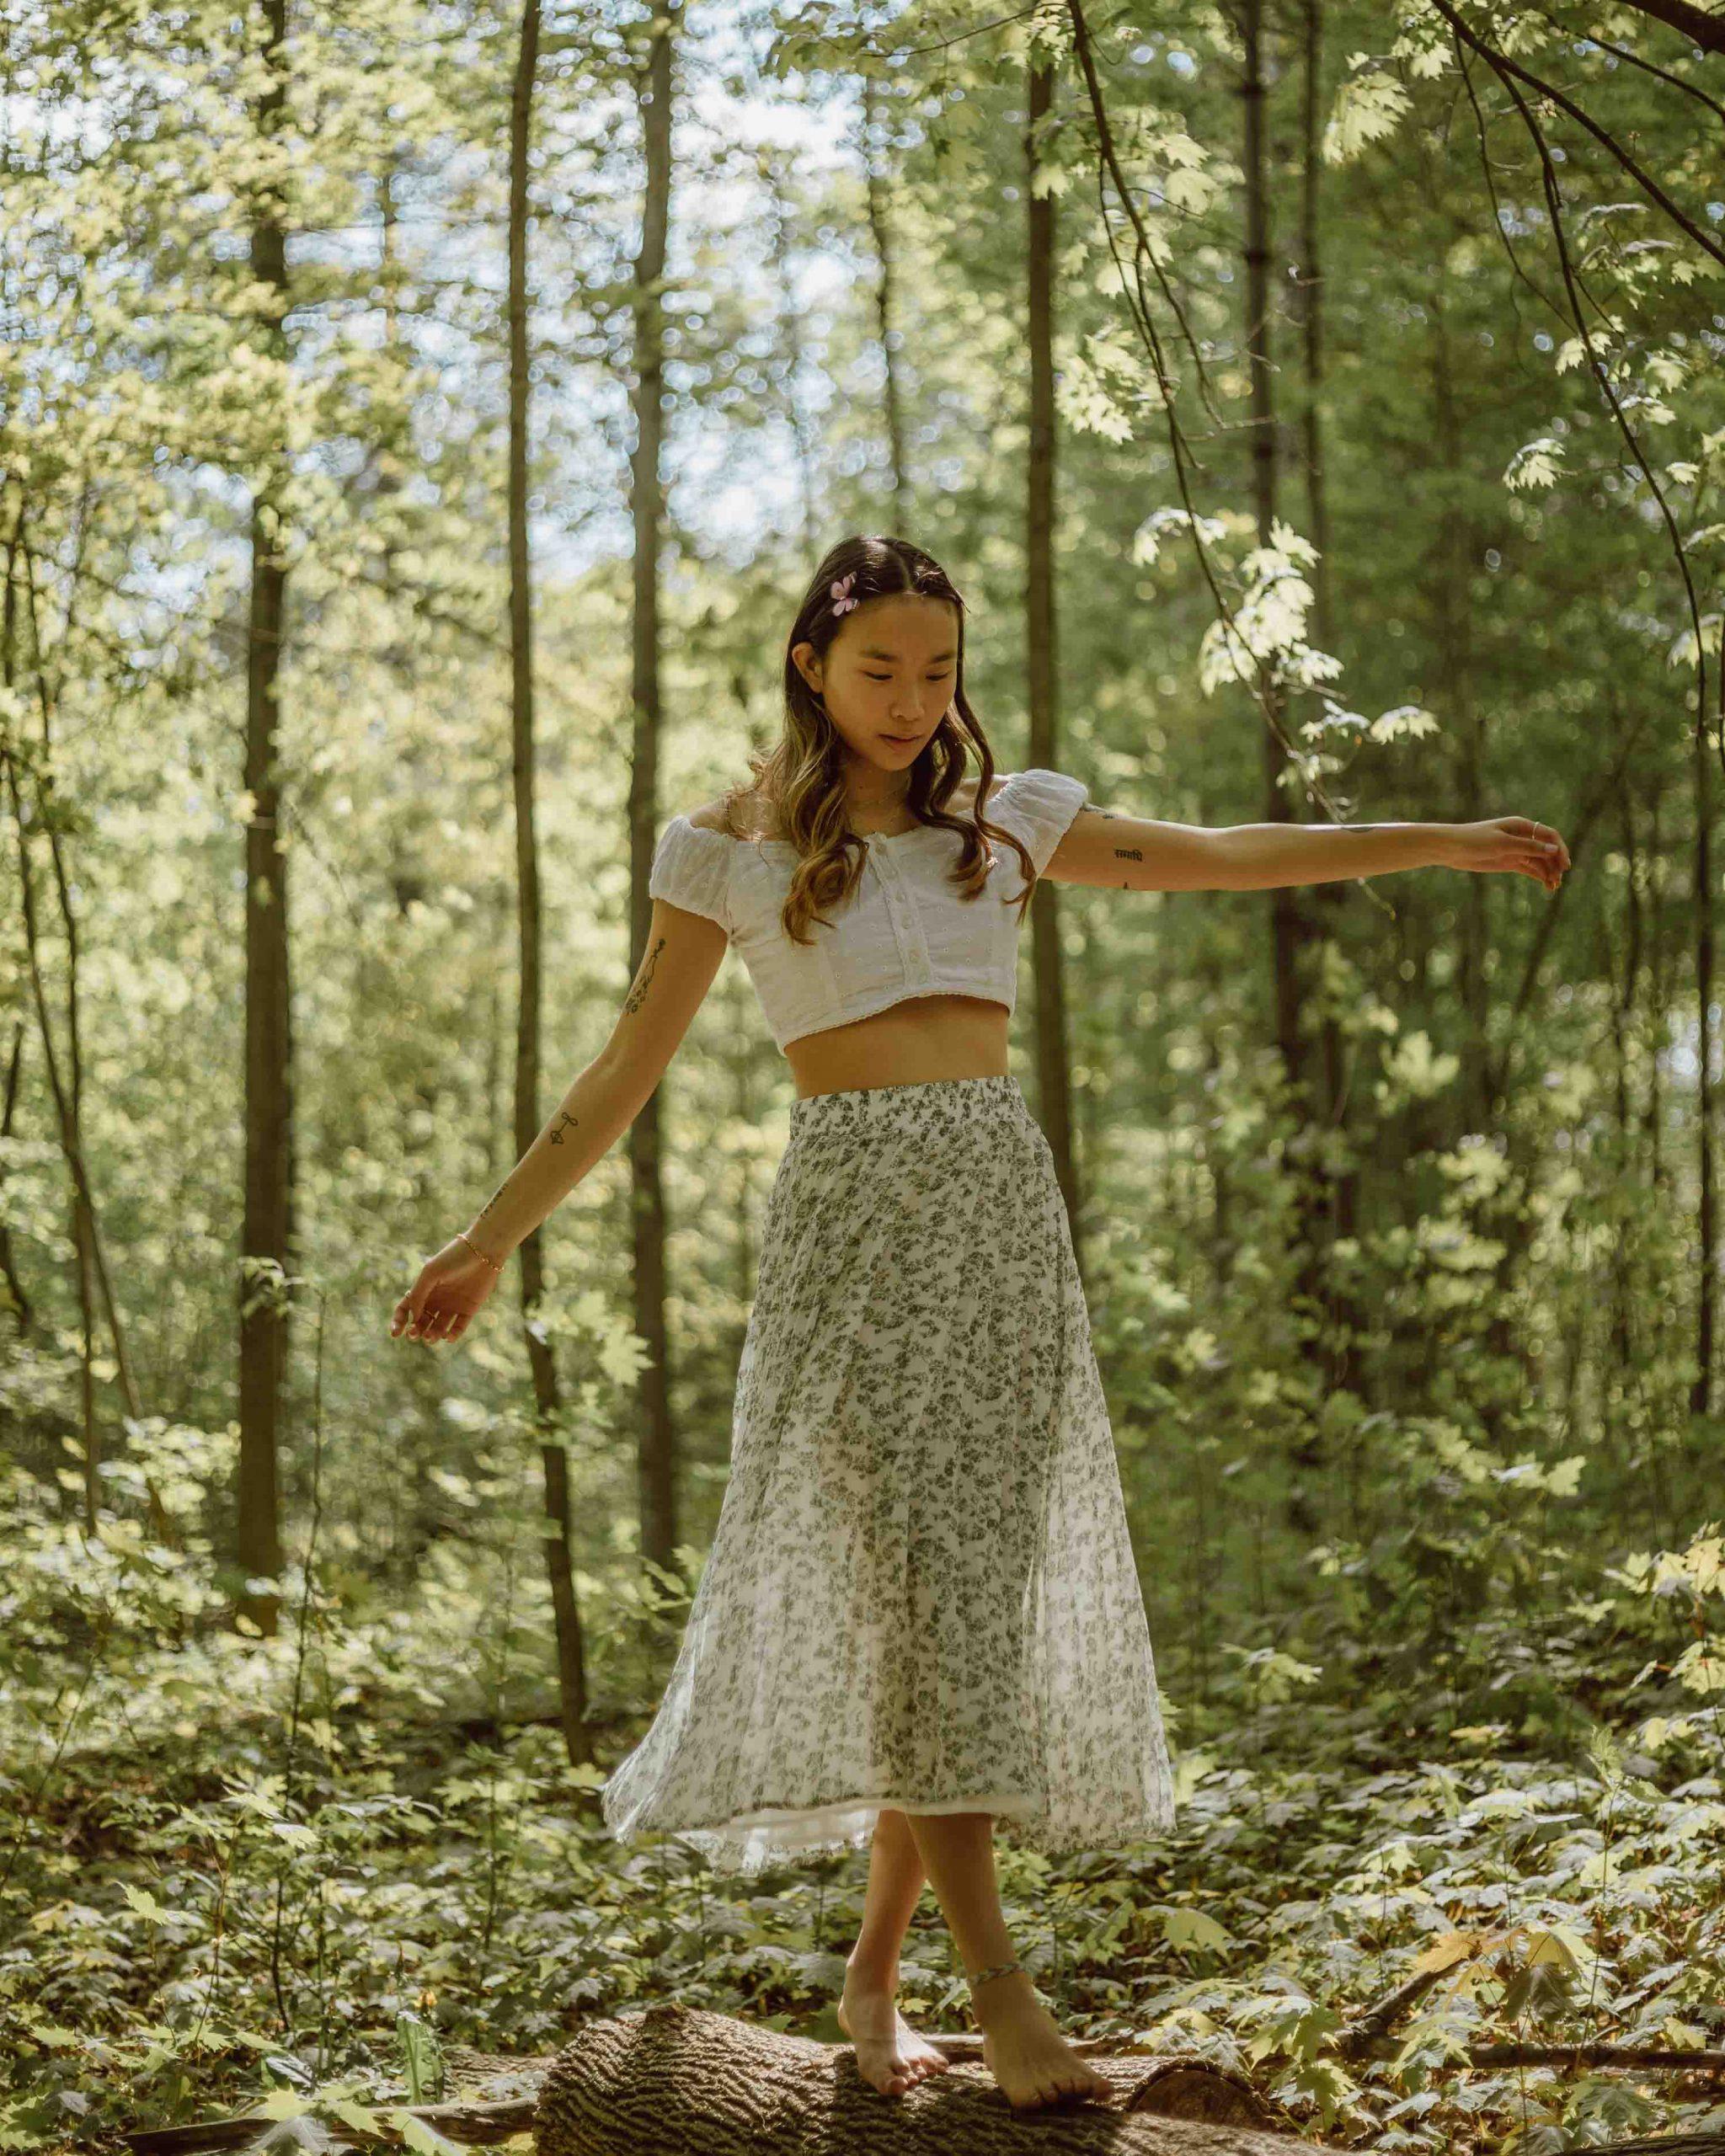 cô gái độc thân chơi trong rừng jasmin chew unsplash